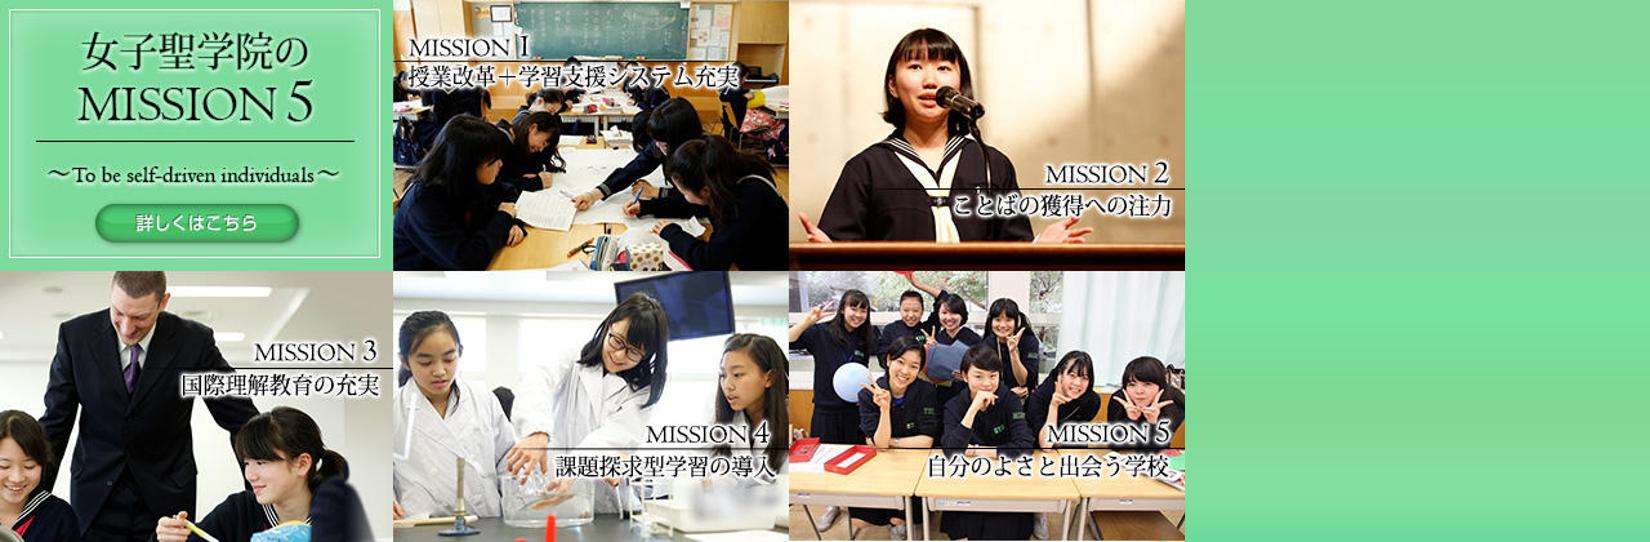 女子聖学院のMISSION5